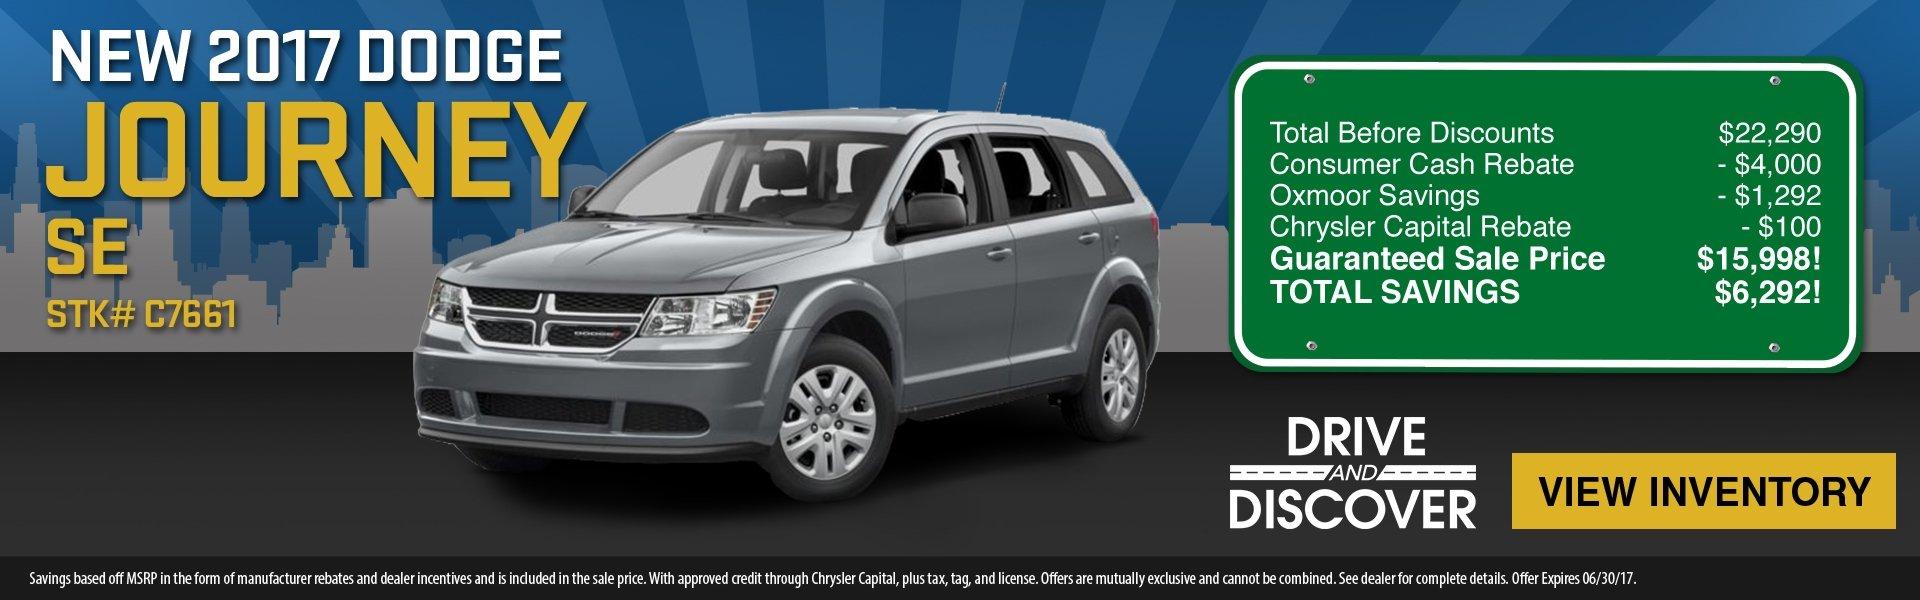 2017 Dodge Journey, save up to $6,292! See dealer for details